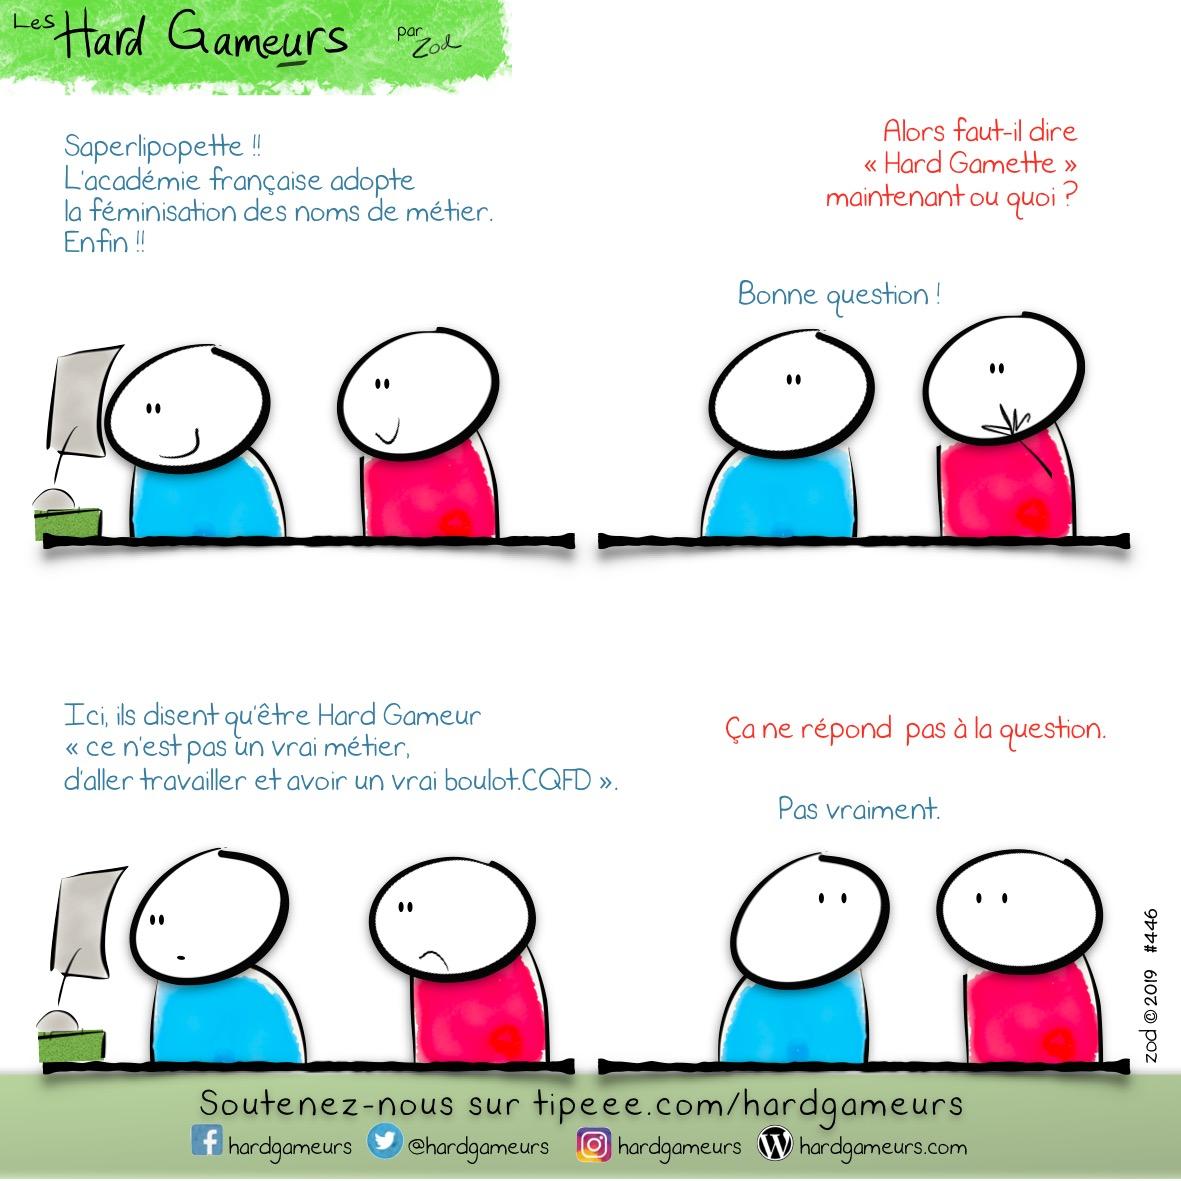 Les HardGameurs jouent avec la langue française